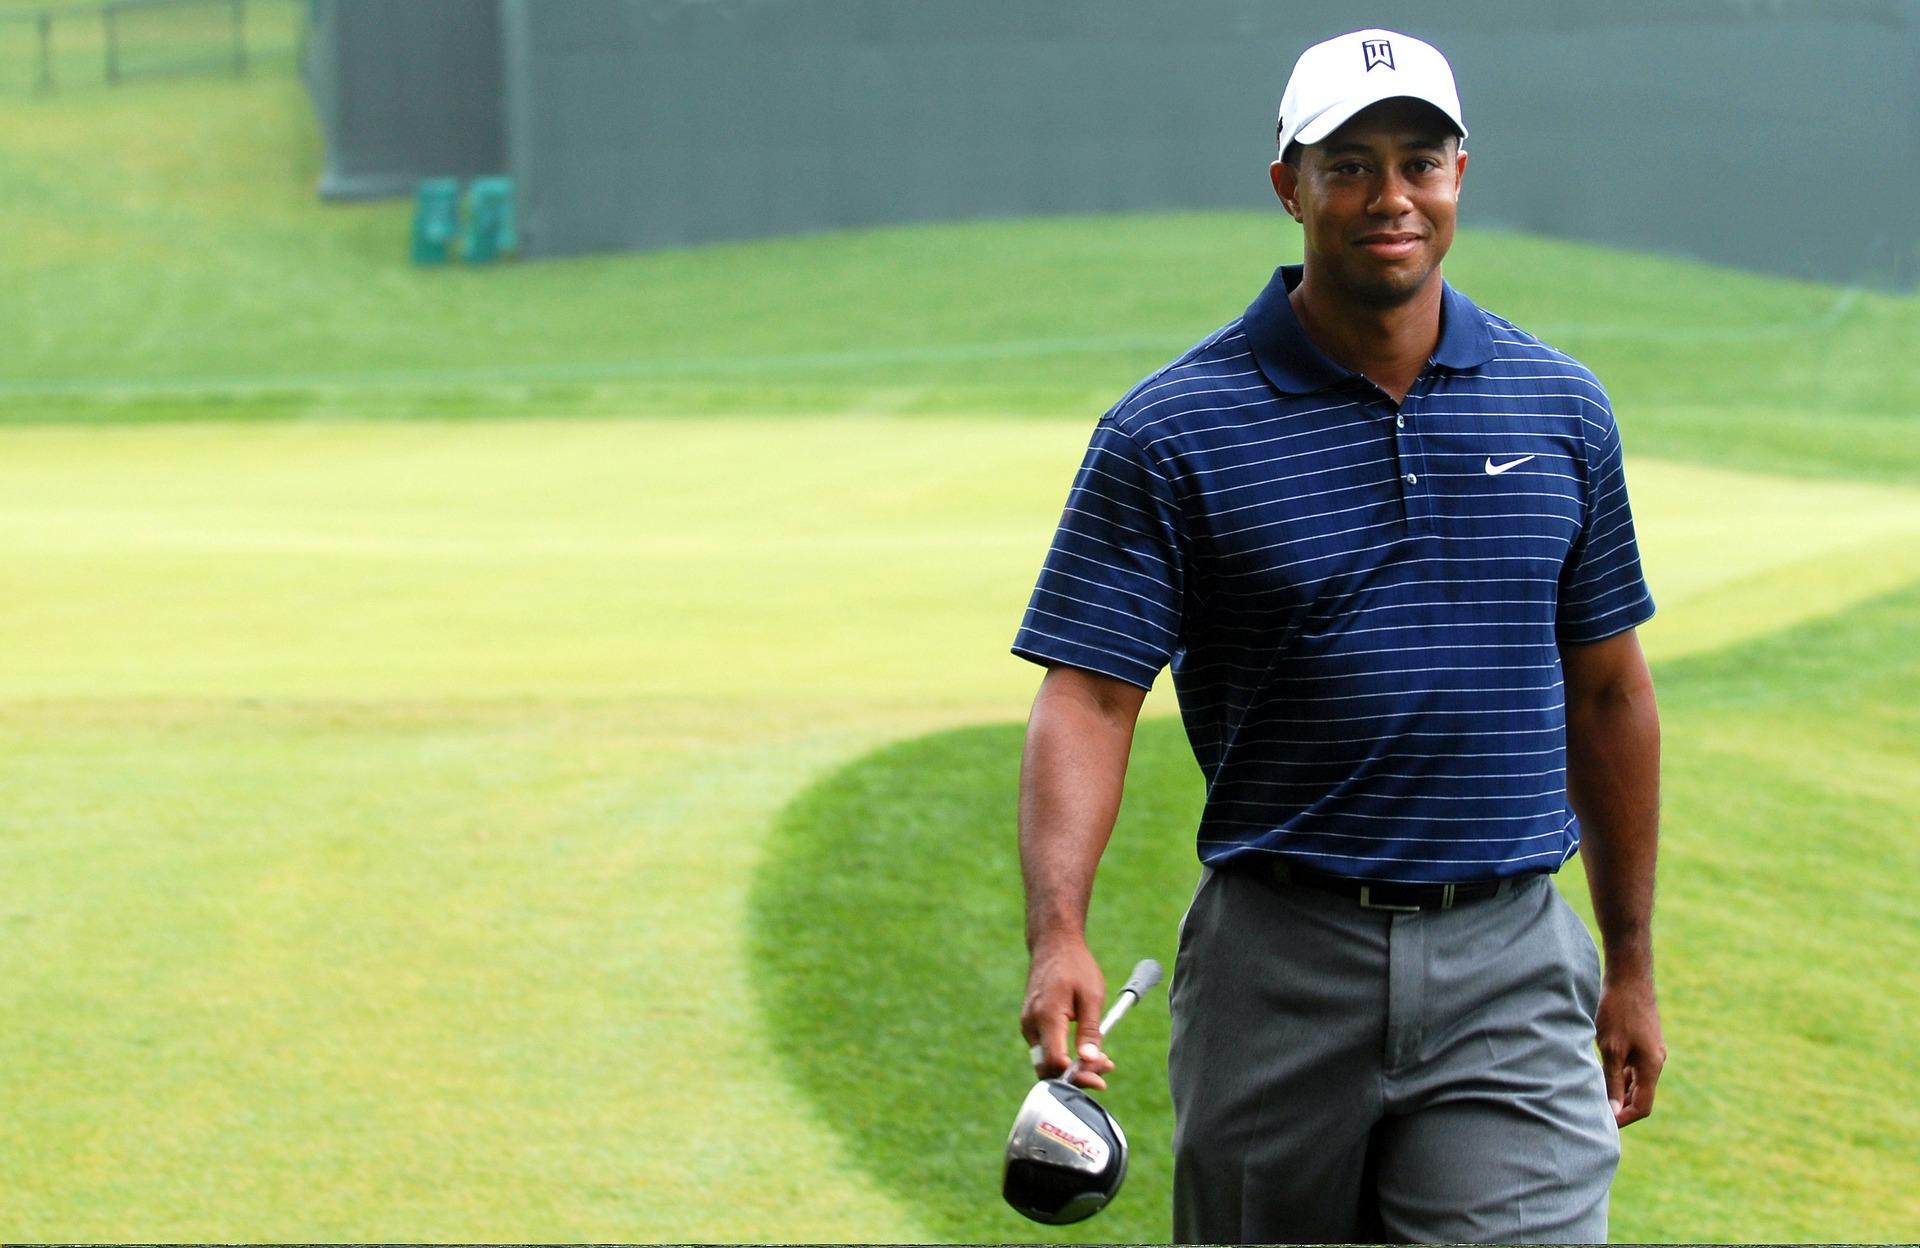 Tiger Woods sports celebrity